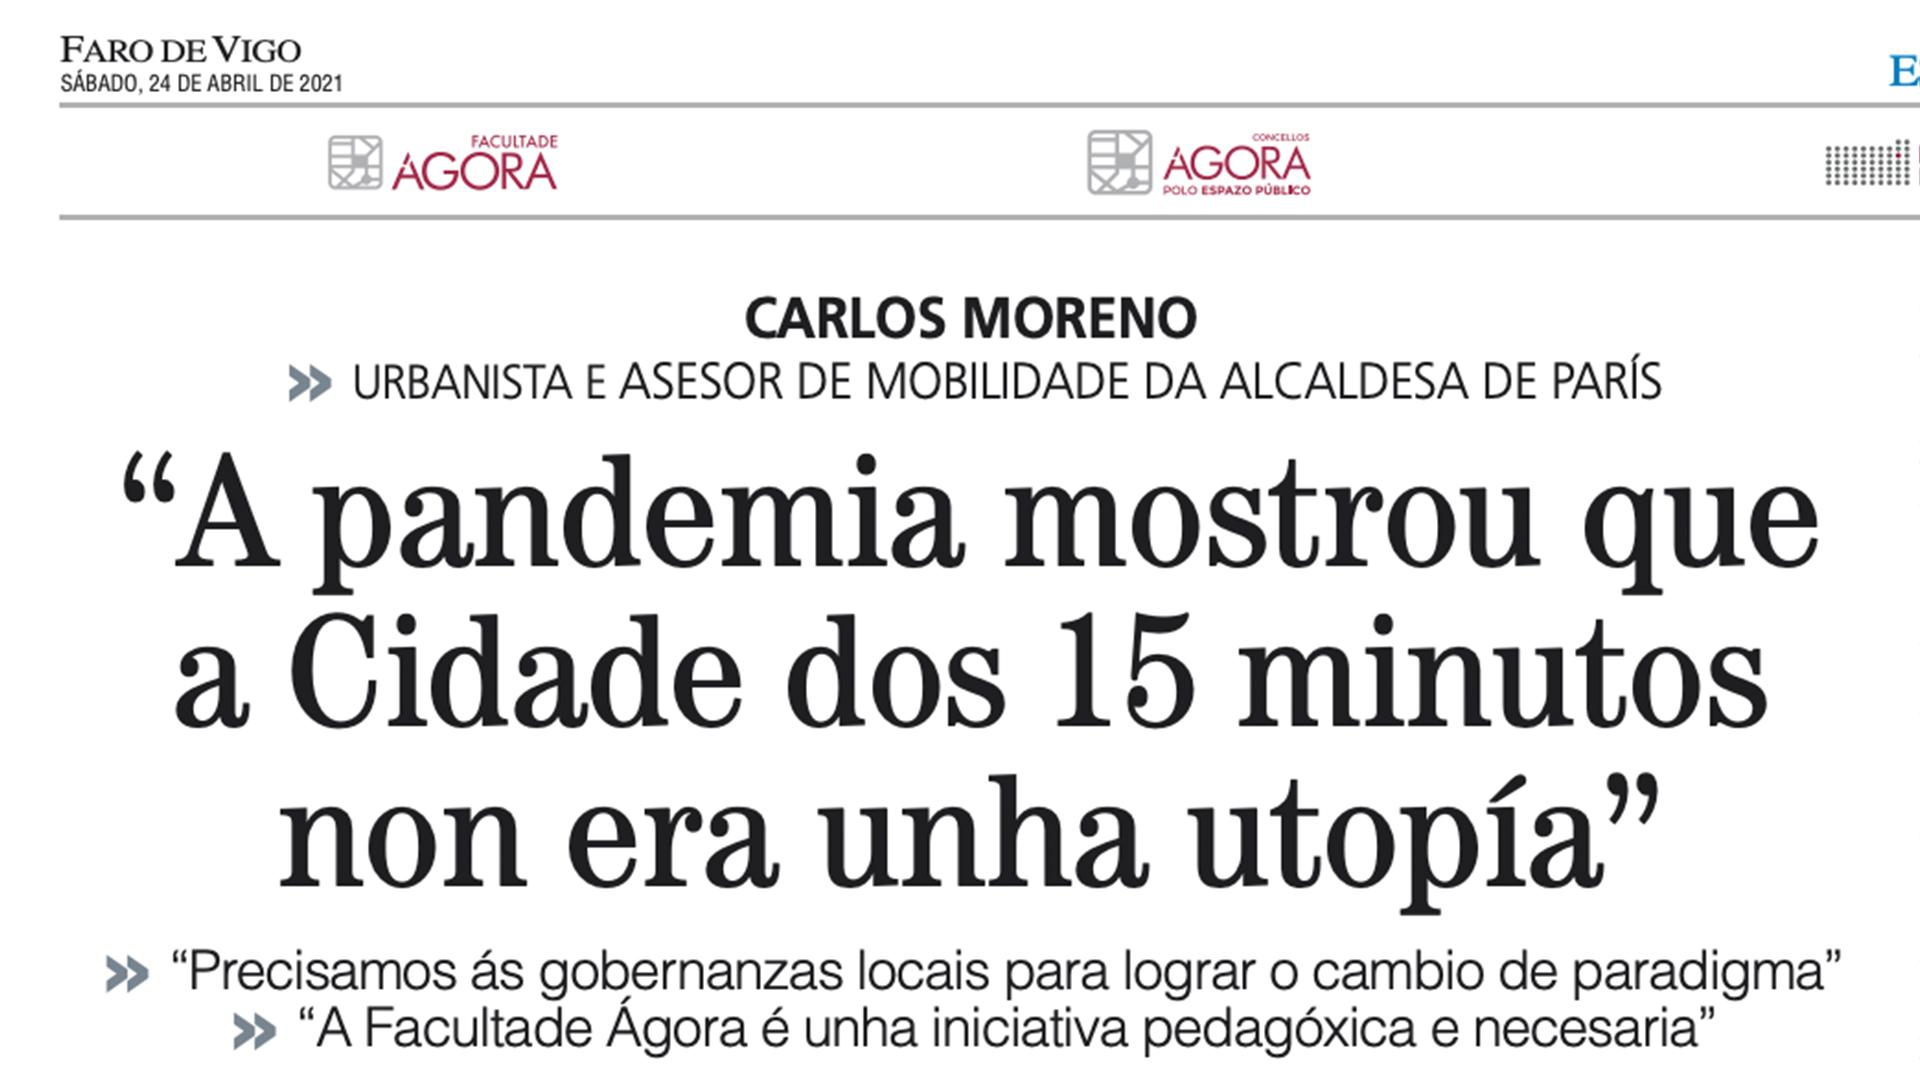 Faro de Vigo – A pandemia mostrou que a Cidade dos 15 minutos non era unha utopía – 24 De Abril De 2021